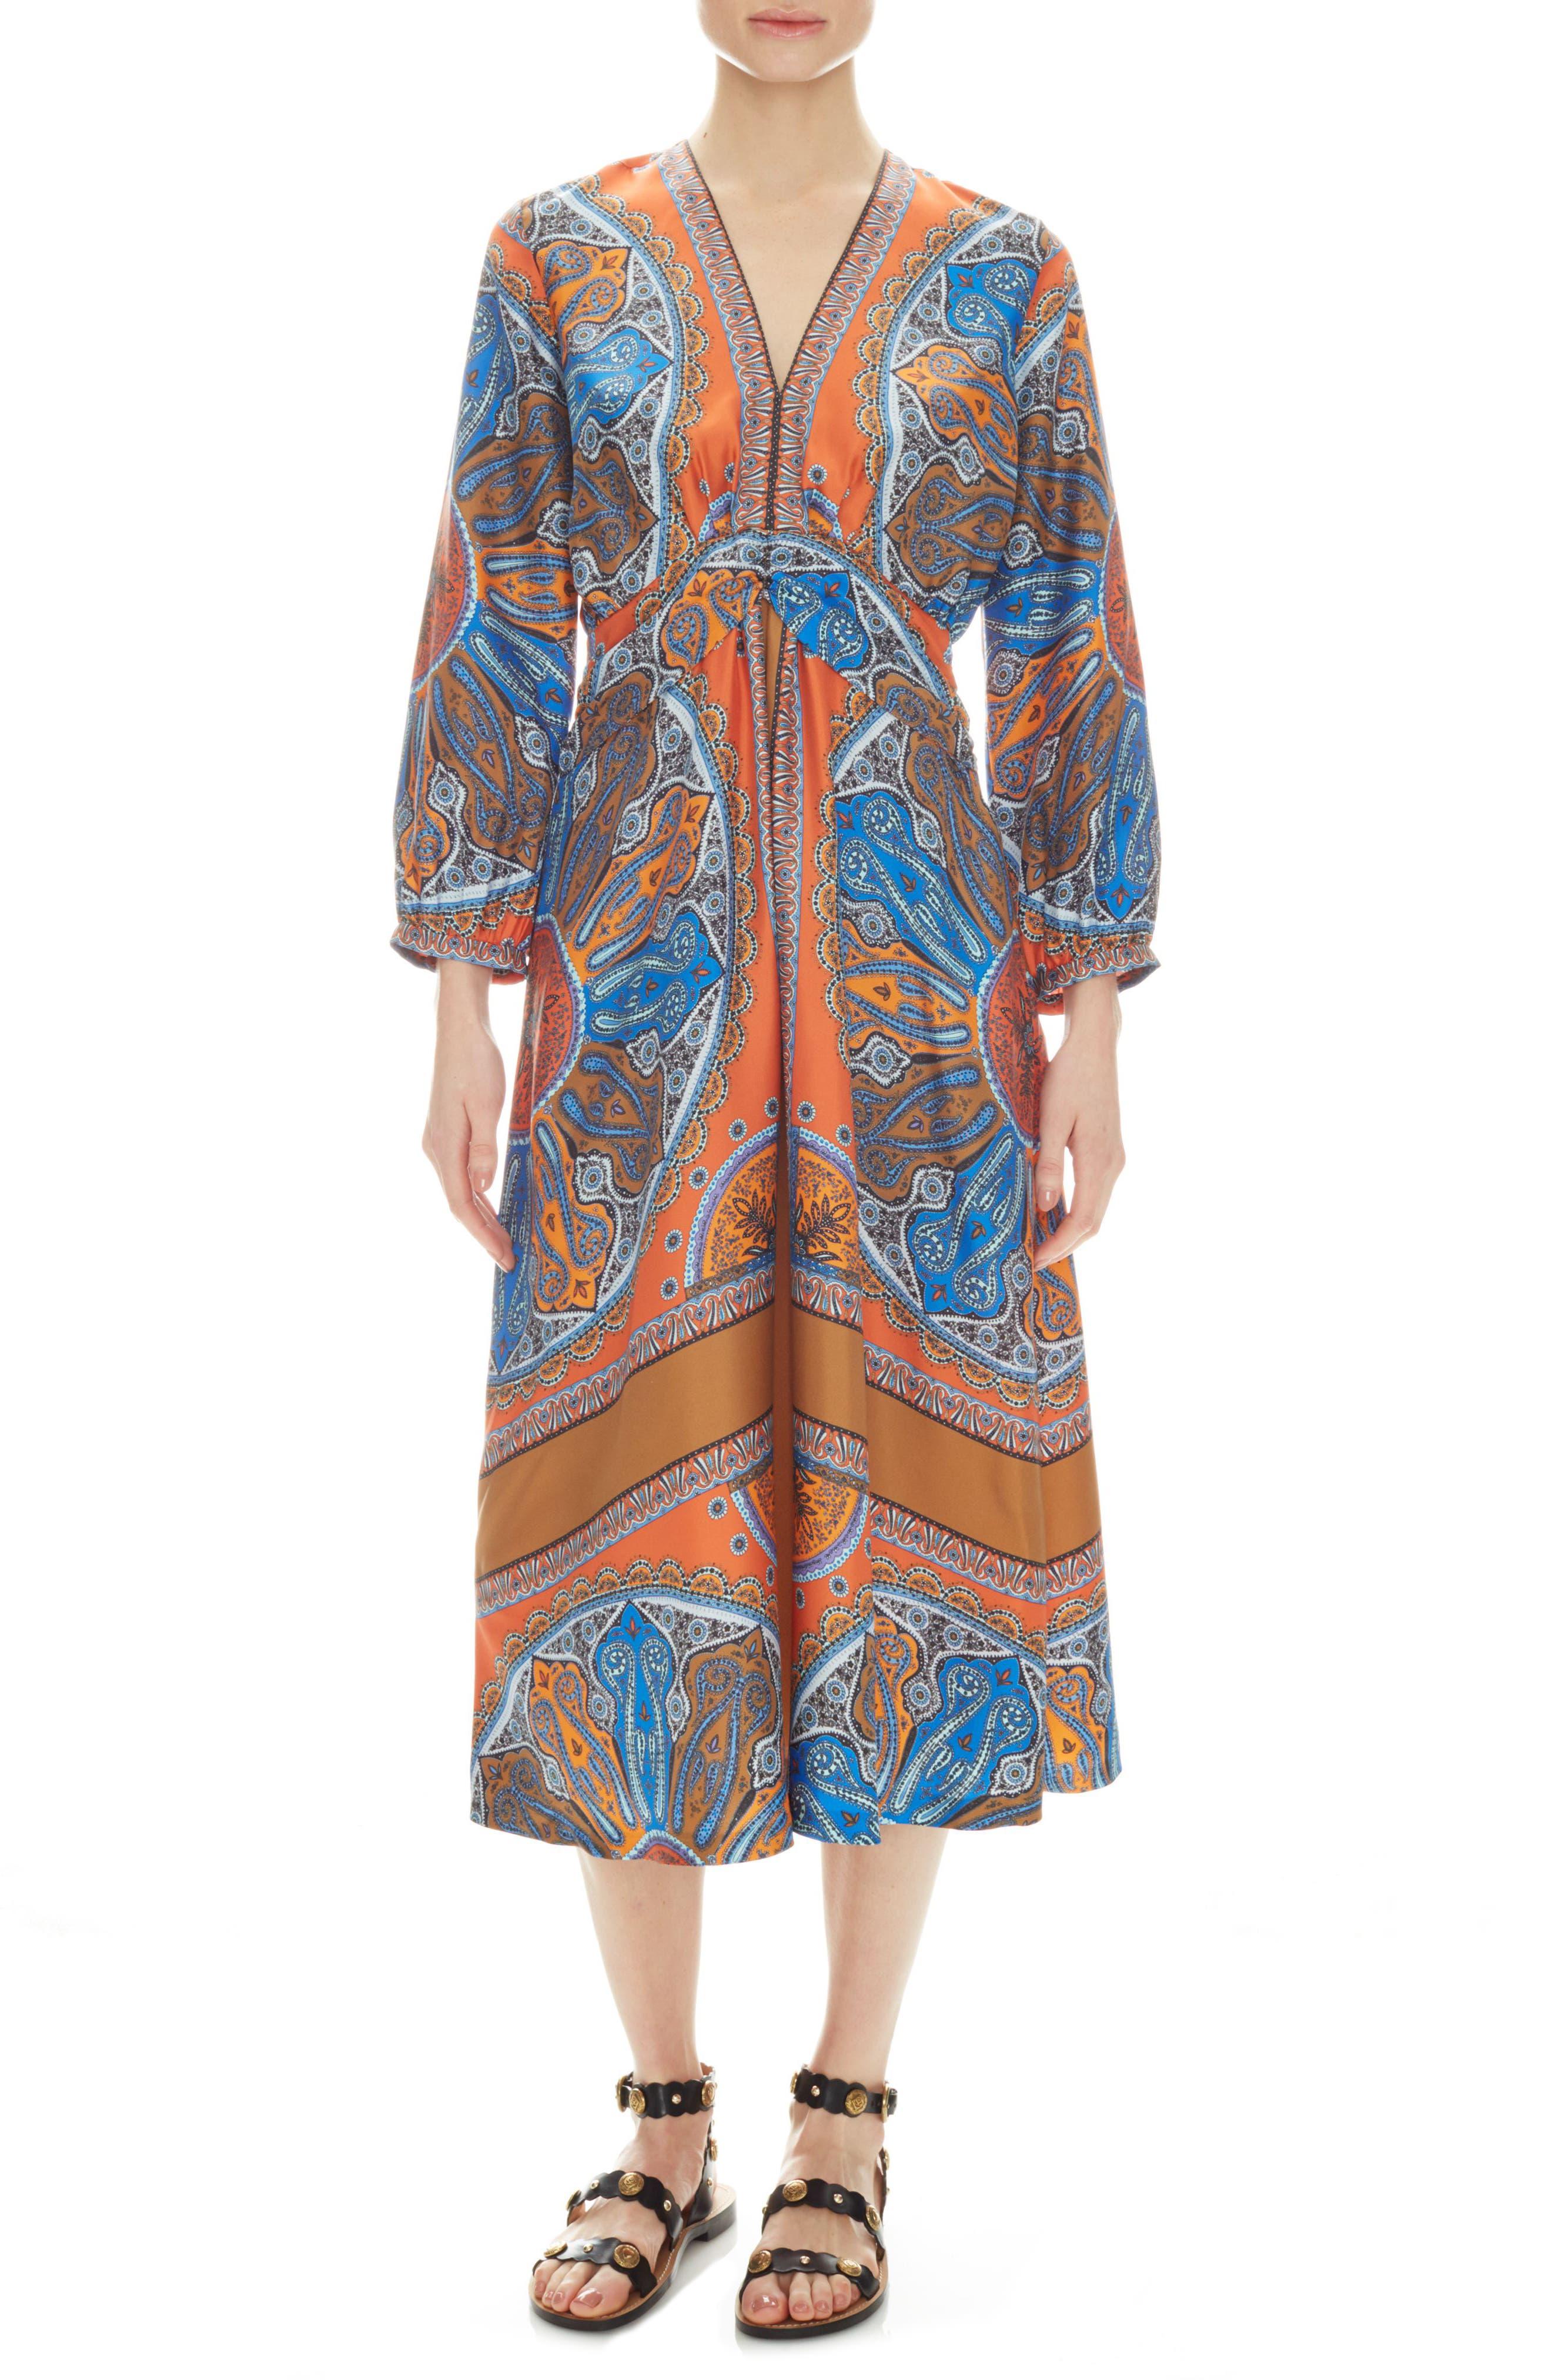 Sandro Sandro Women's Dresses Nordstrom Dresses Women's PxO0p